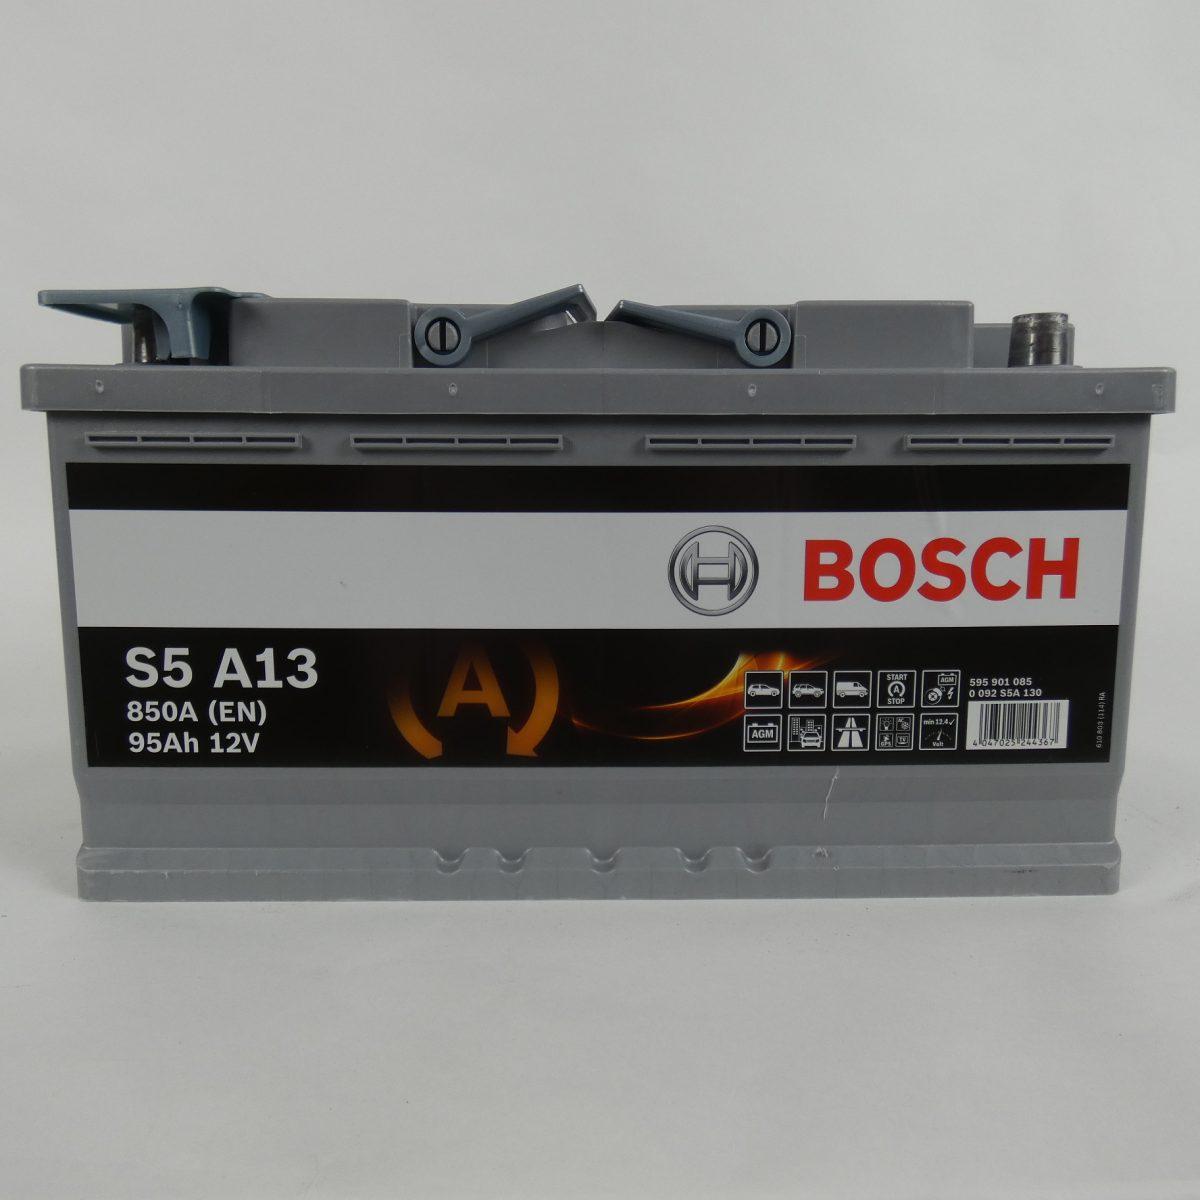 Bosch camper accu 850A